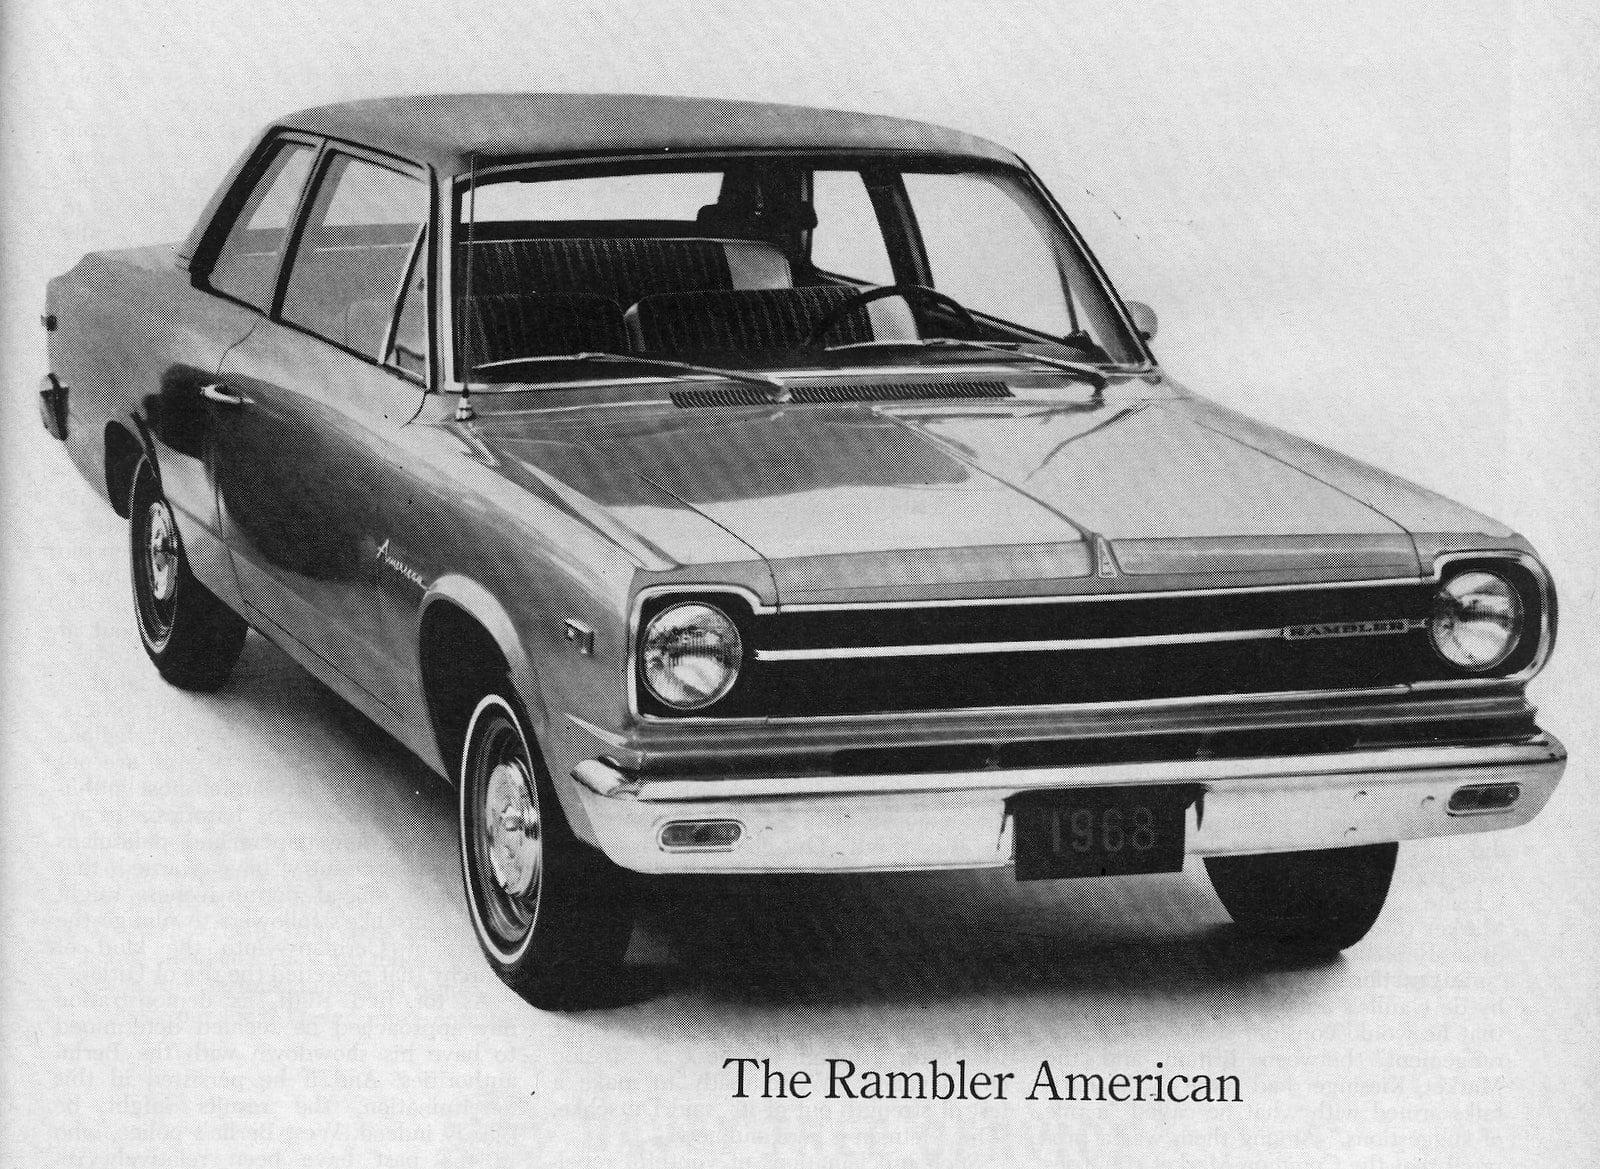 1968 Rambler American car